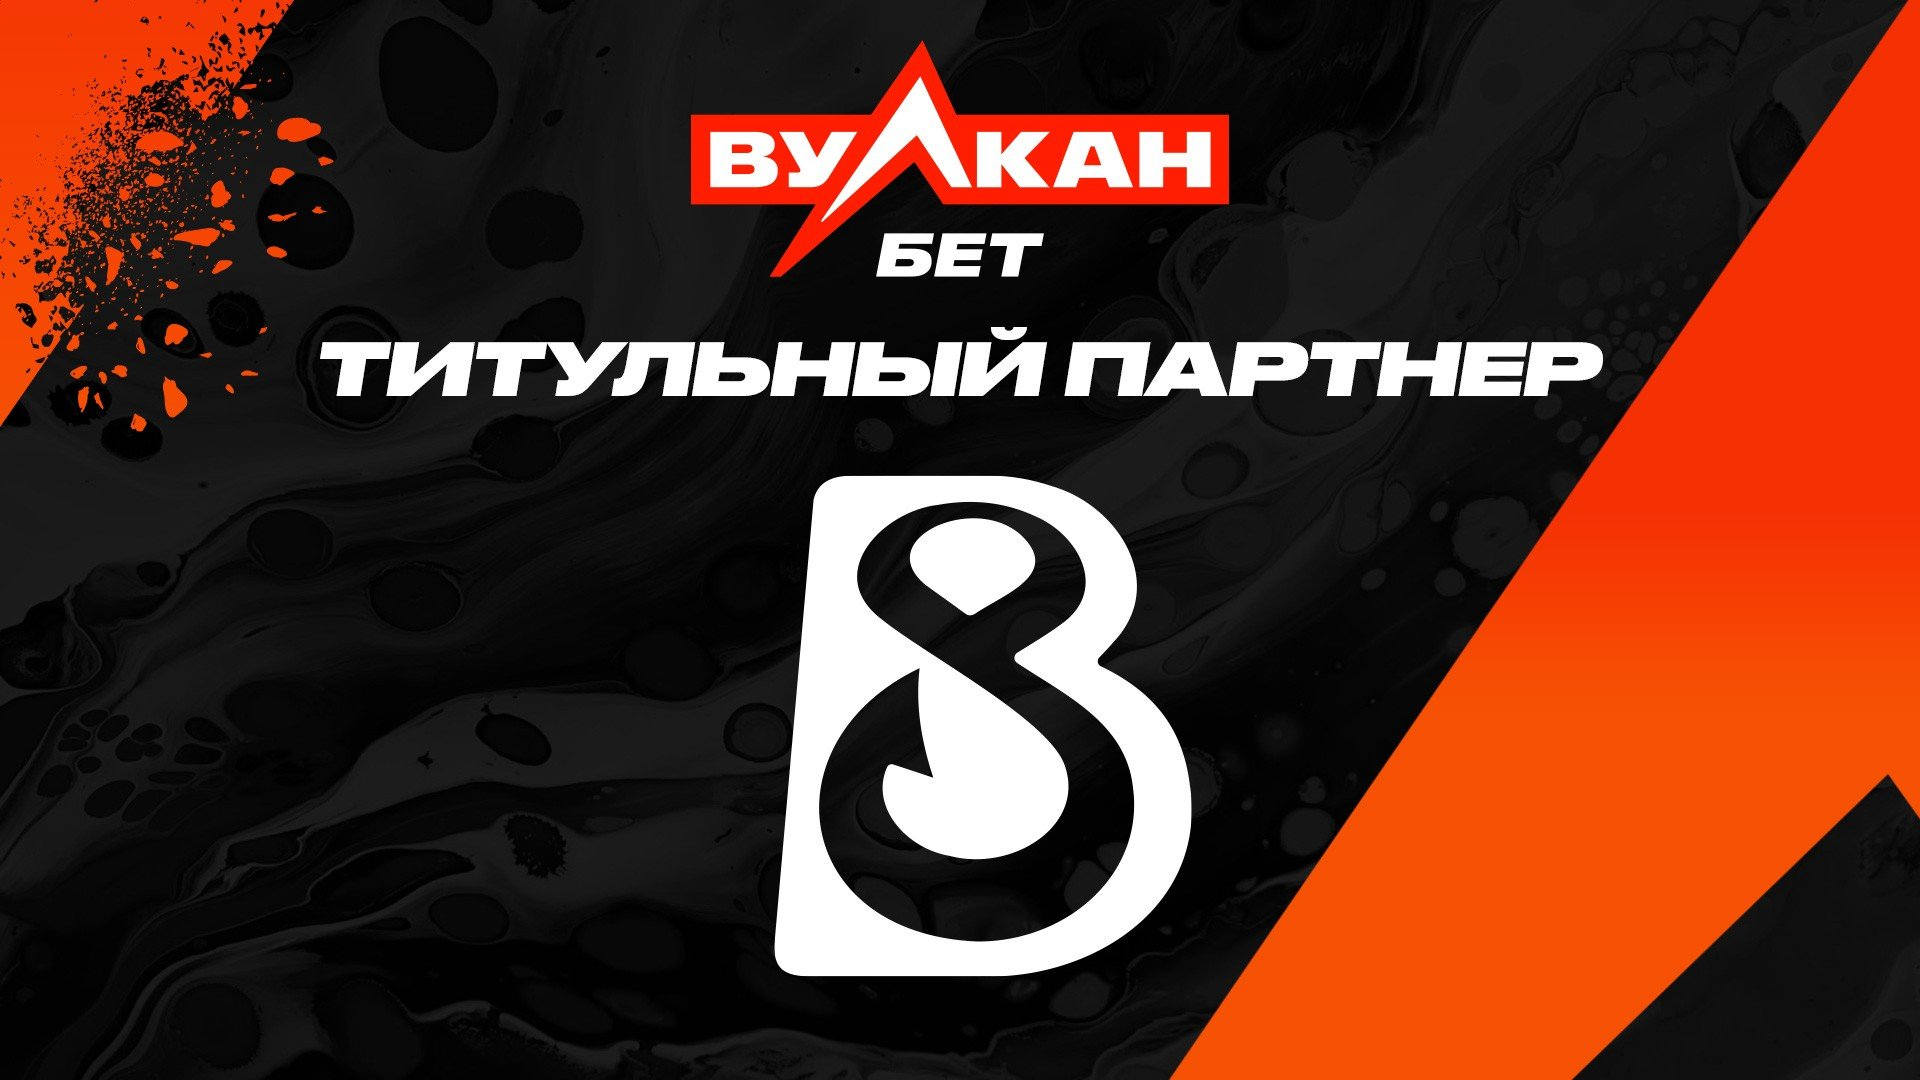 B8 Esports заключили партнёрство с ВулканБЕТ